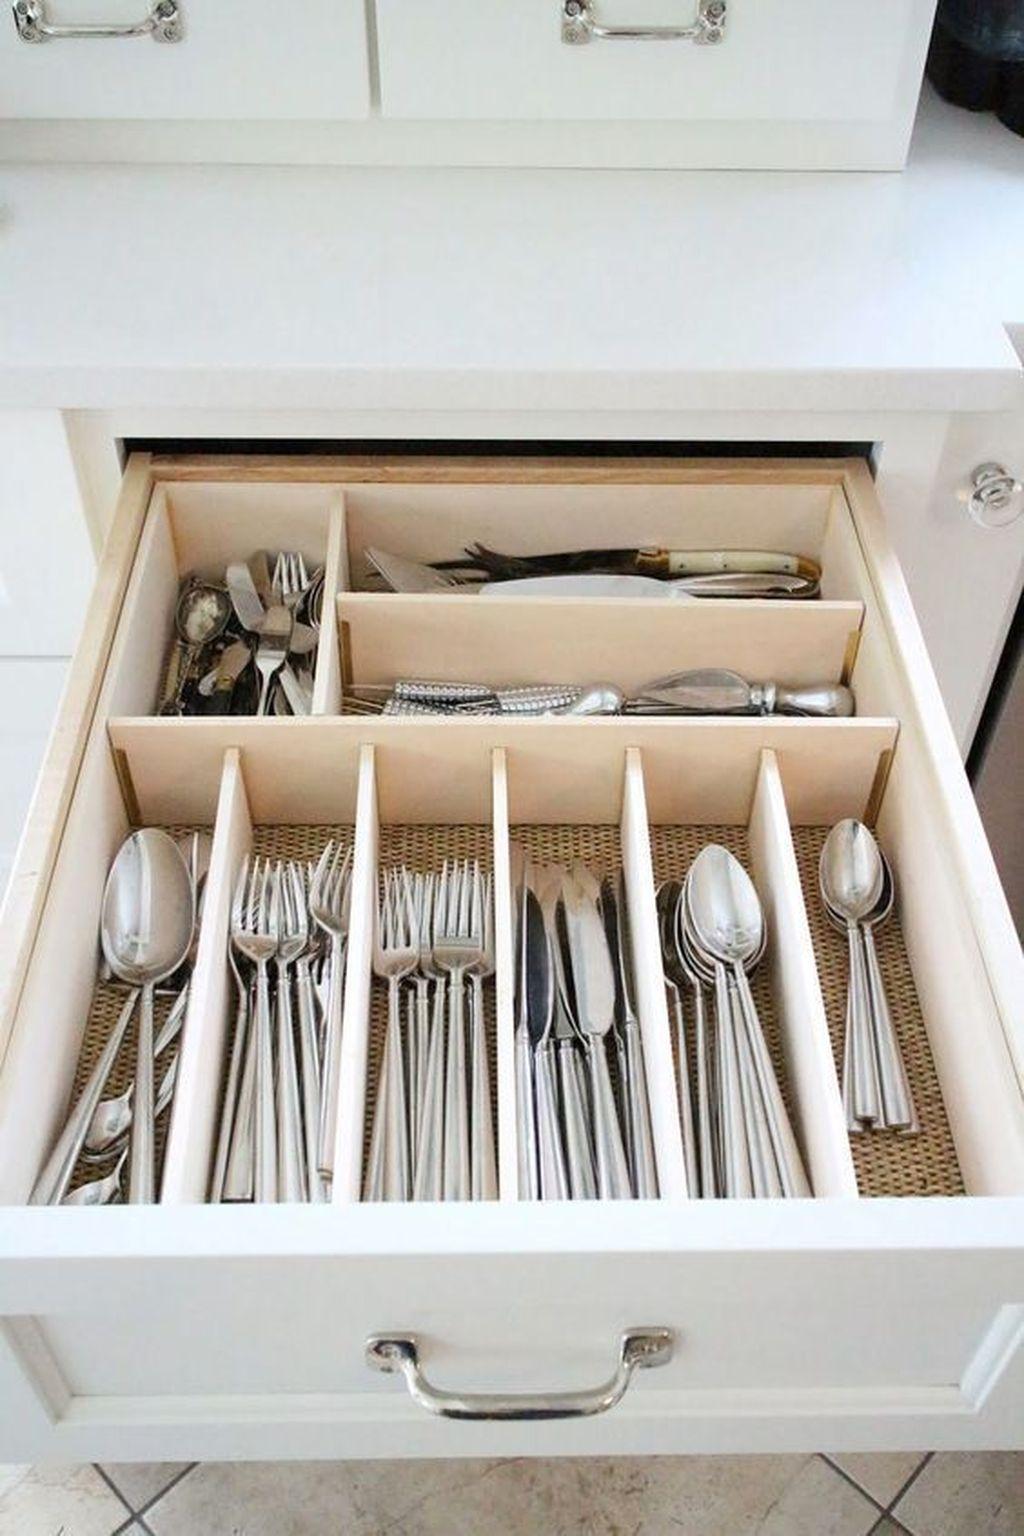 Best Design Ideas For Kitchen Organization Cabinets 15